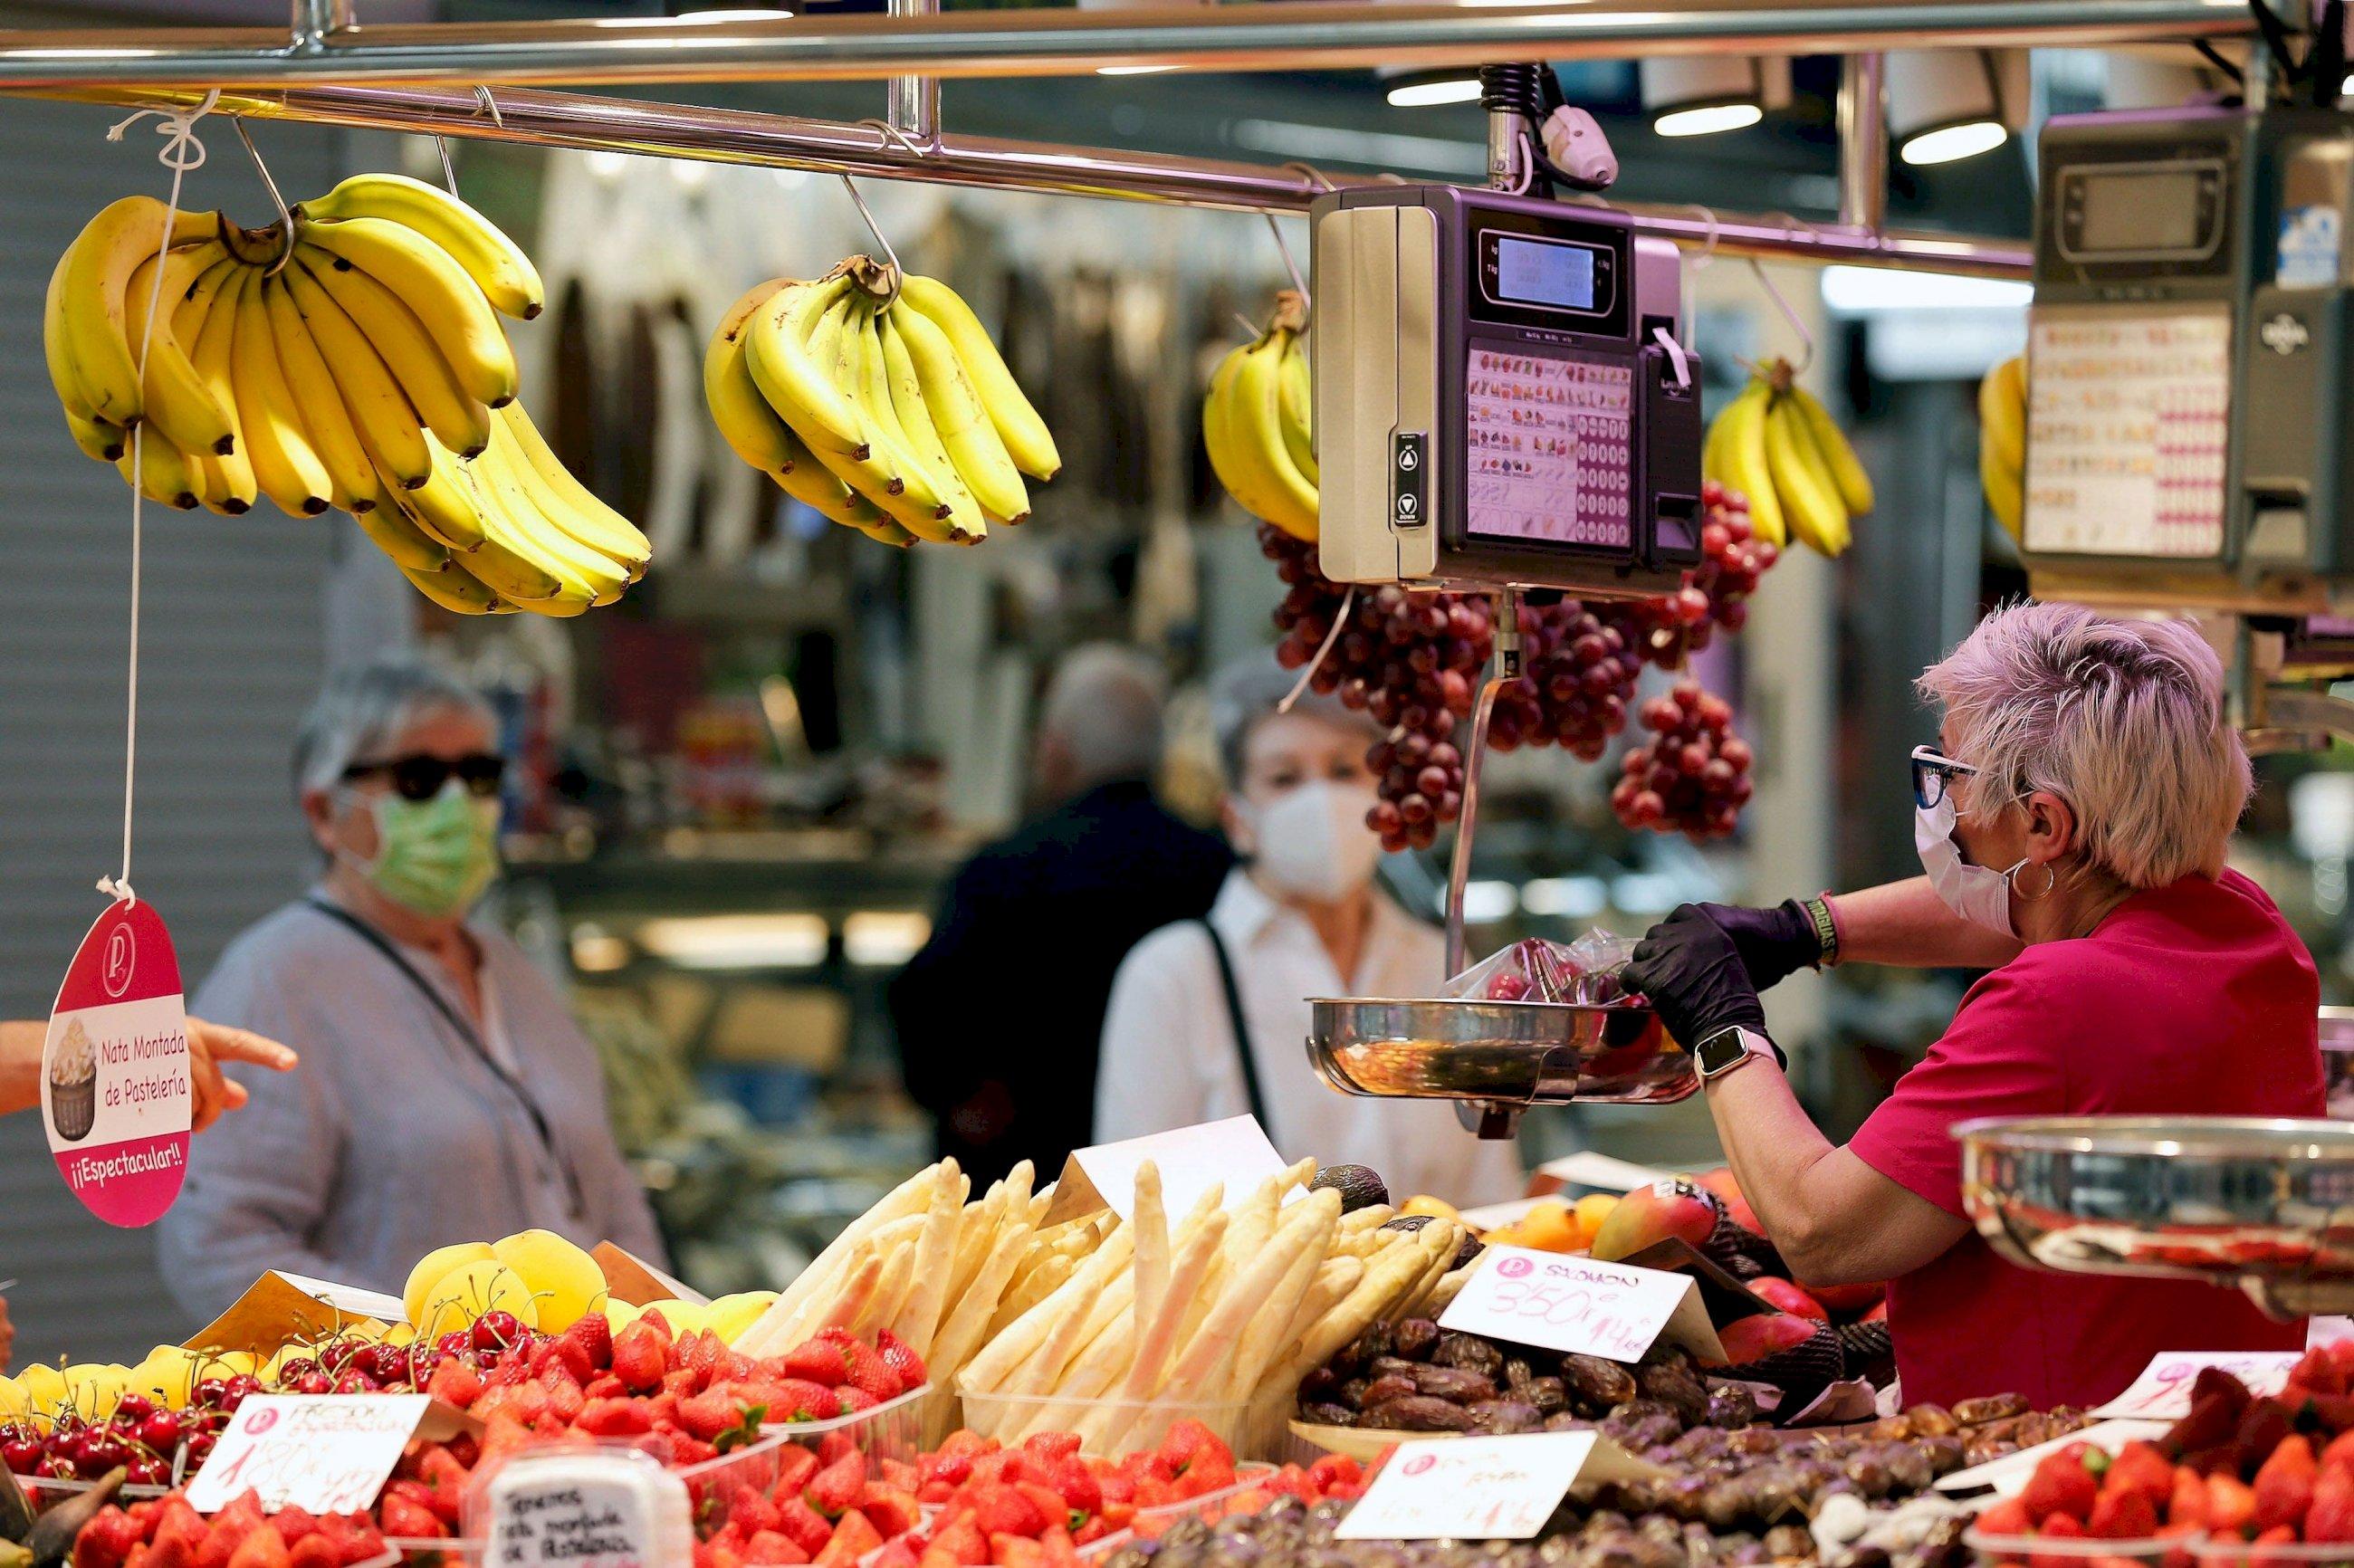 Amazon Fresh inicia su reparto en España con un catálogo de marcas propias EFE